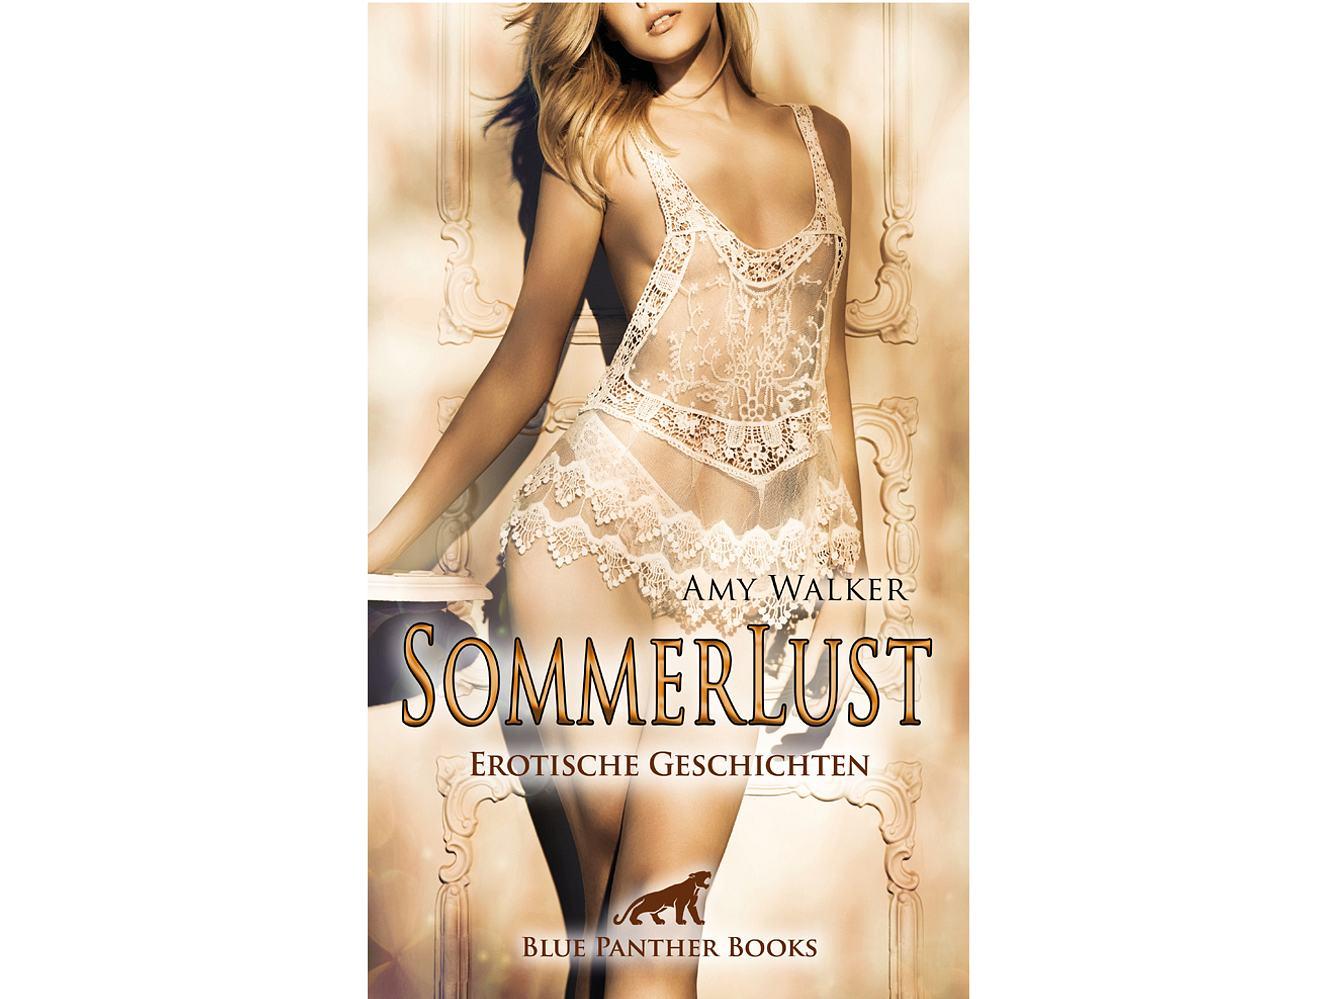 Buchcover von Sommerlust - Erotische Geschichten von Amy Walker